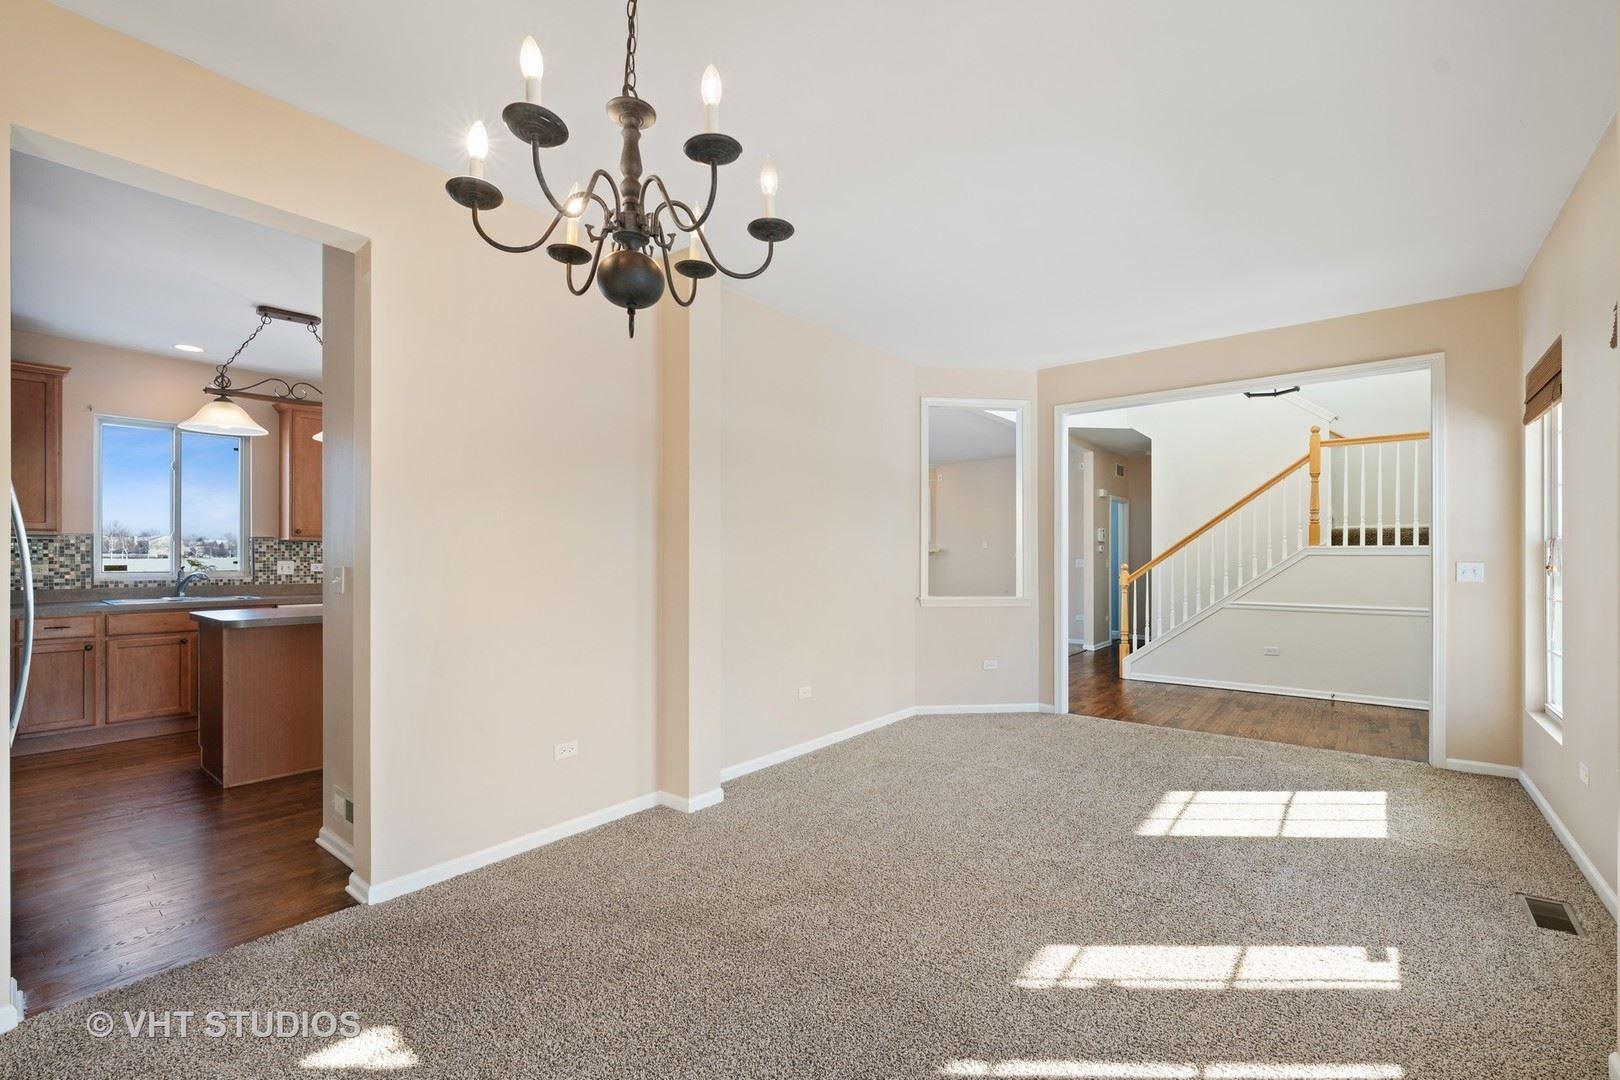 Photo of 206 Carolina Street, Bolingbrook, IL 60490 (MLS # 10988936)